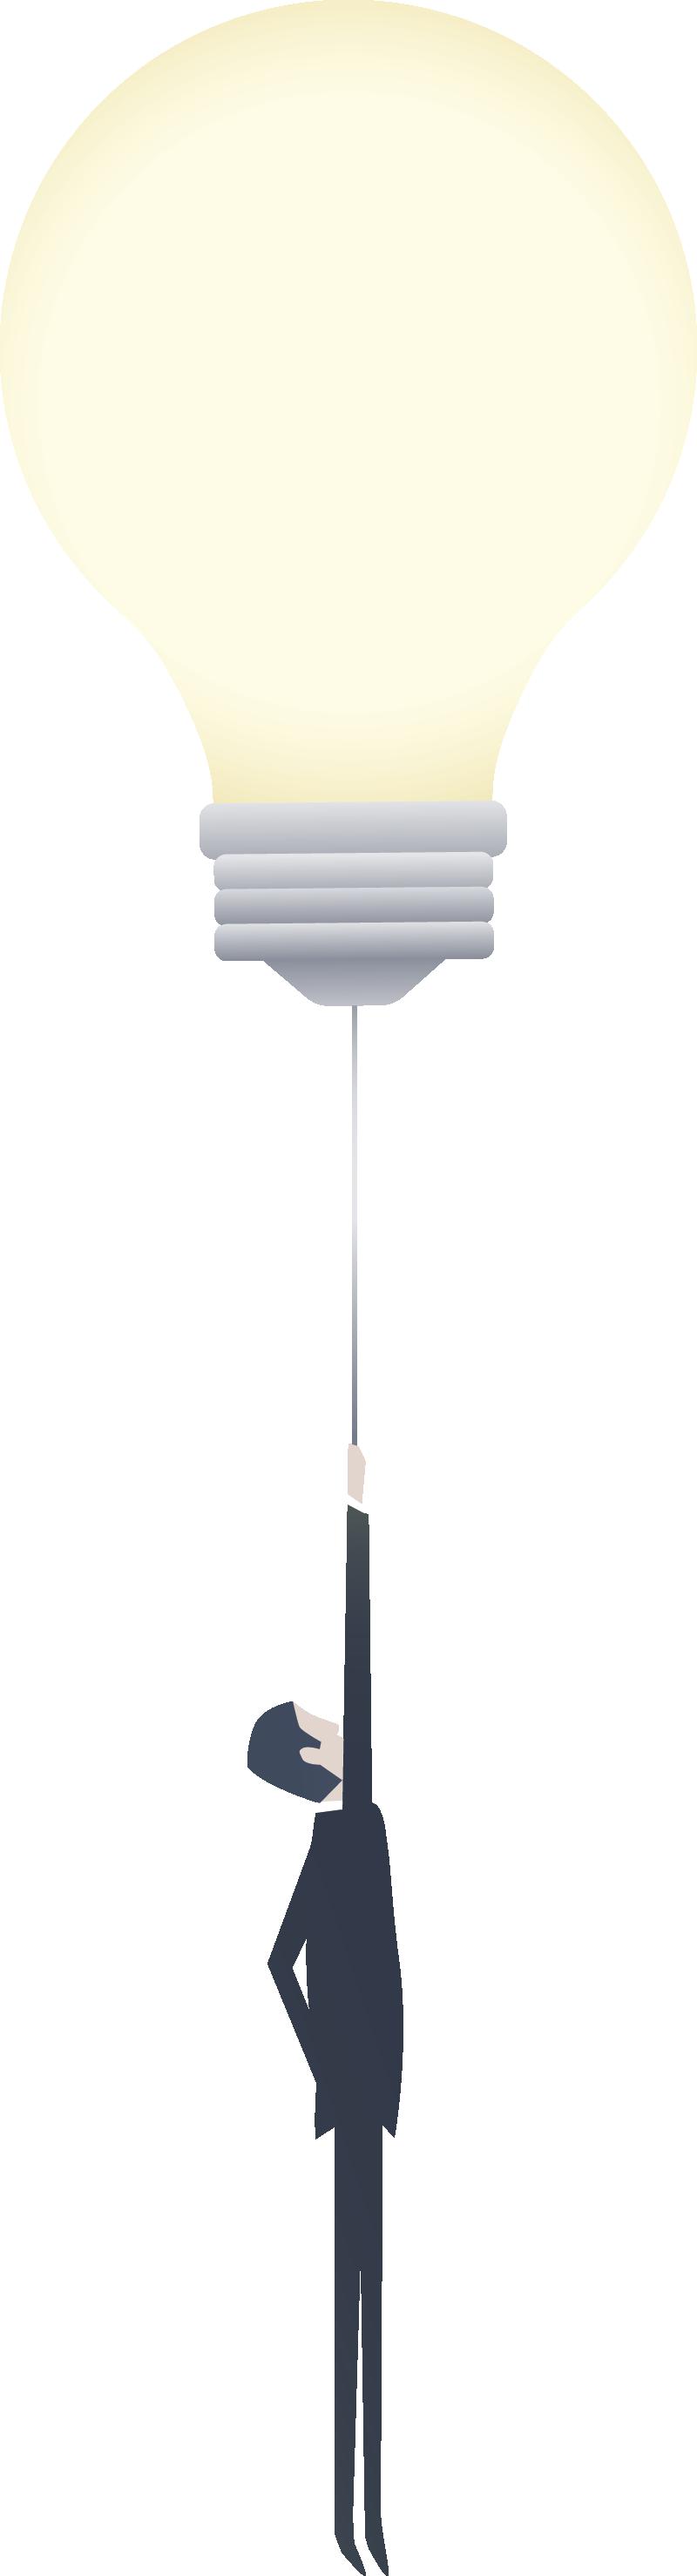 omino appeso ad una lampadina